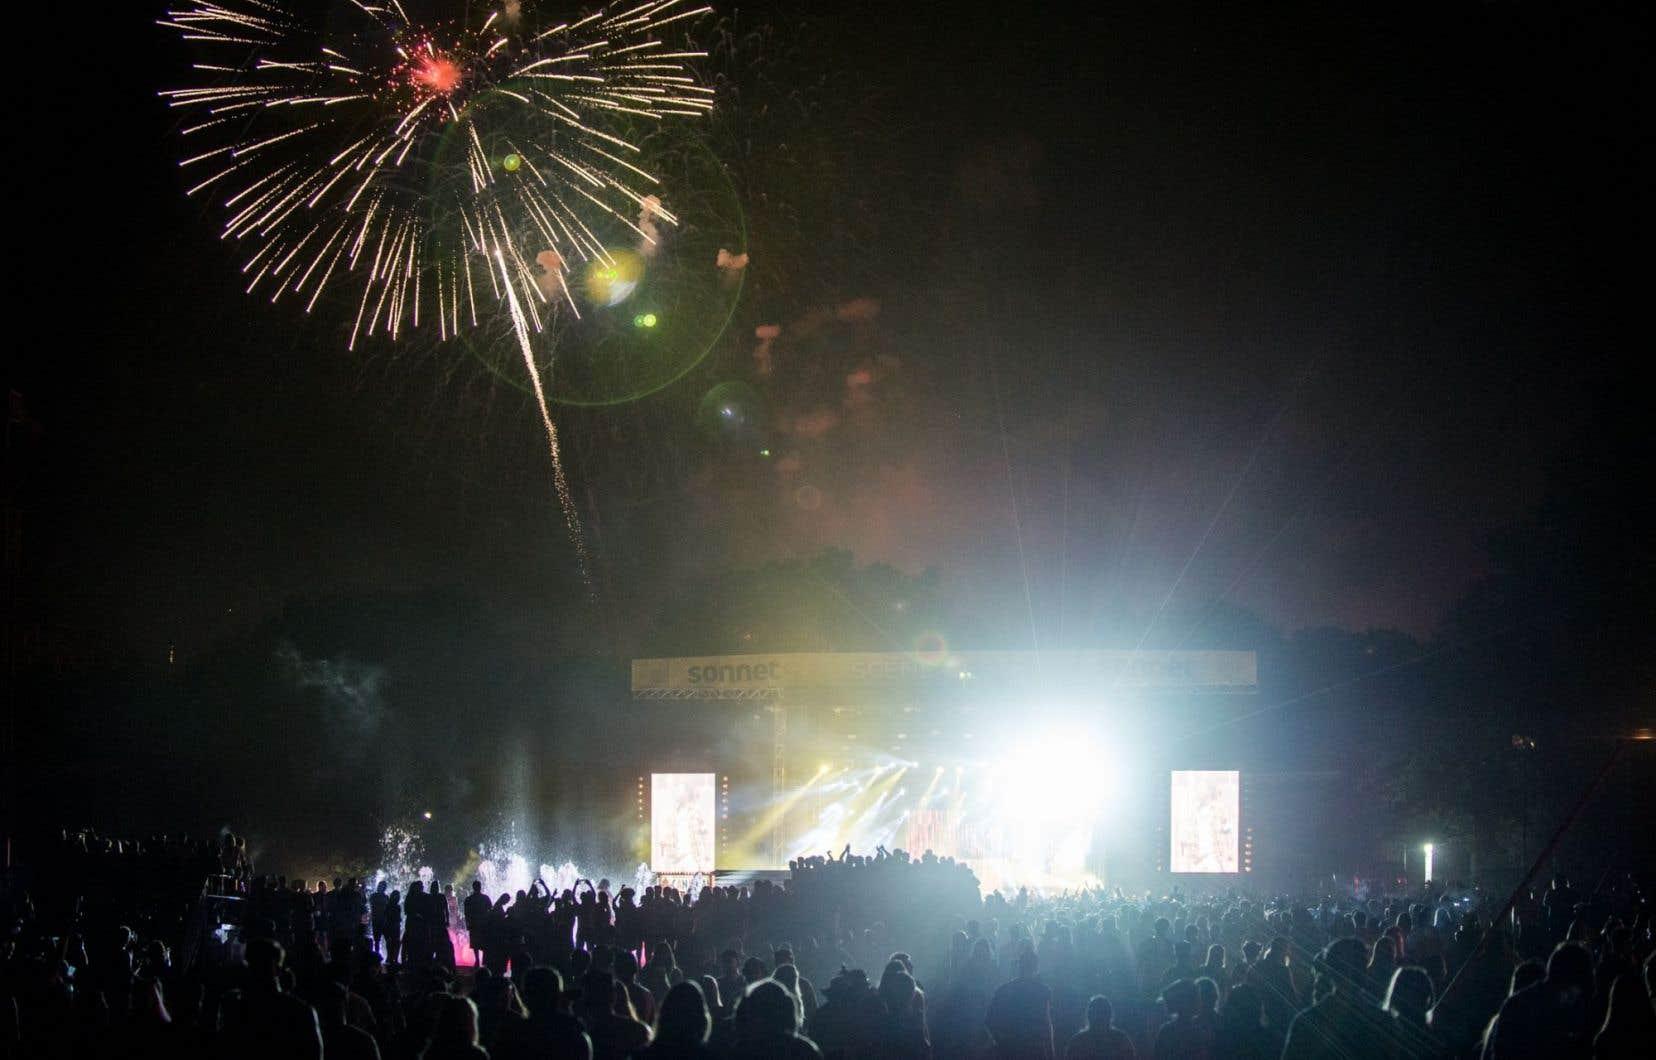 Compte tenu du chantier du nouvel amphithéâtre naturel qui est en construction sur l'île Sainte-Hélène, les concerts d'Evenko ont dû migrer sur l'île voisine, encore plus près de Saint-Lambert.